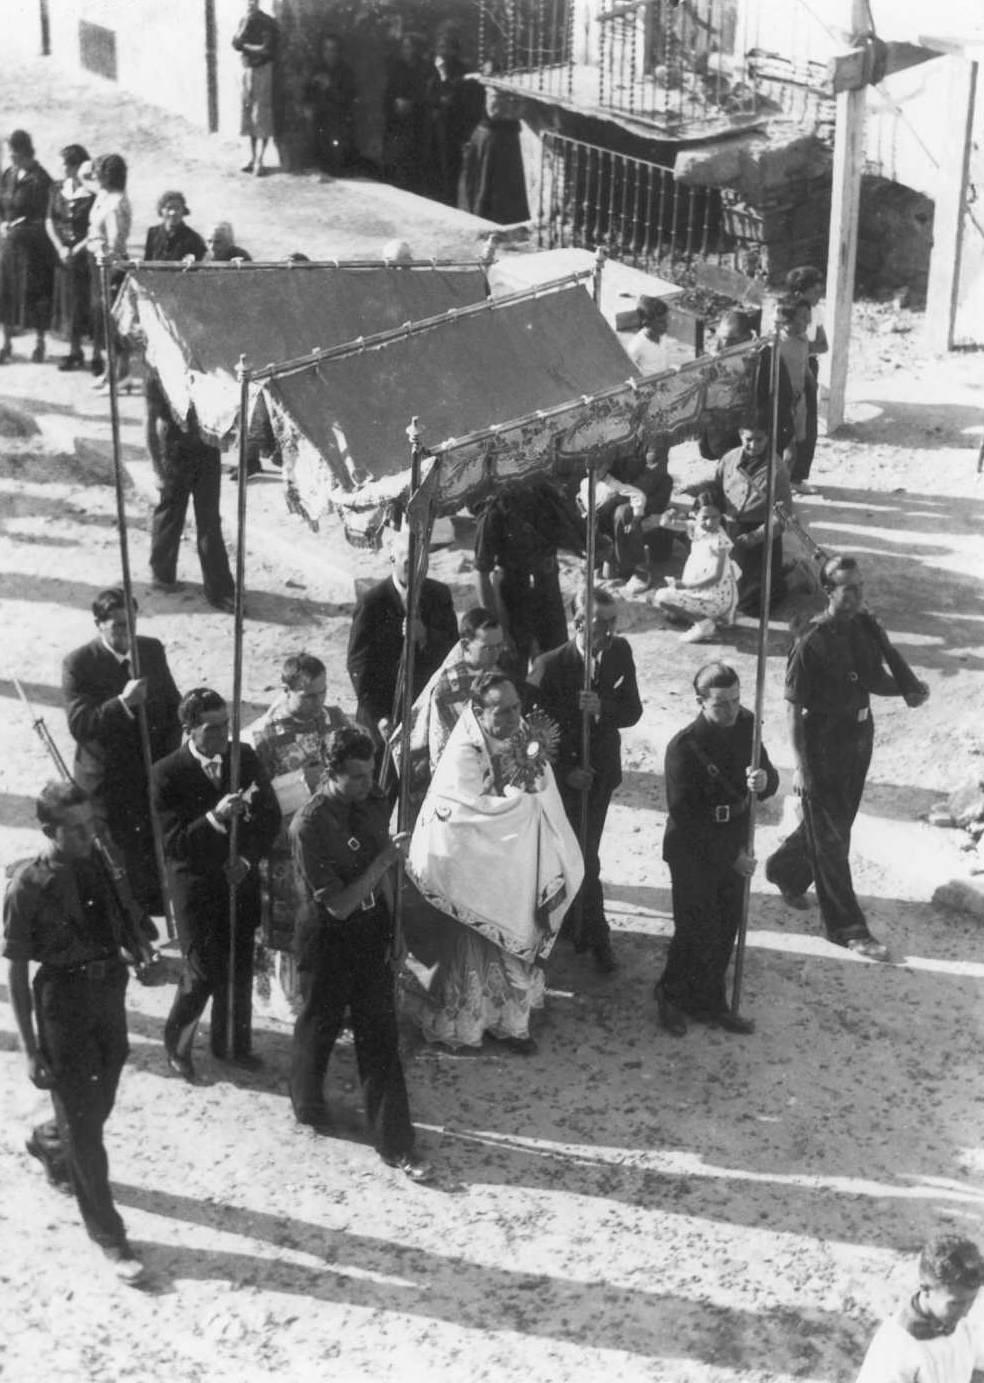 Primer Corpus després de la Guerra Civil, processó passant per l'avinguda Juli Garreta (davant del carrer Estret), 1939. AMSFG. Fons Pere Rigau (Autor: Pere Rigau)